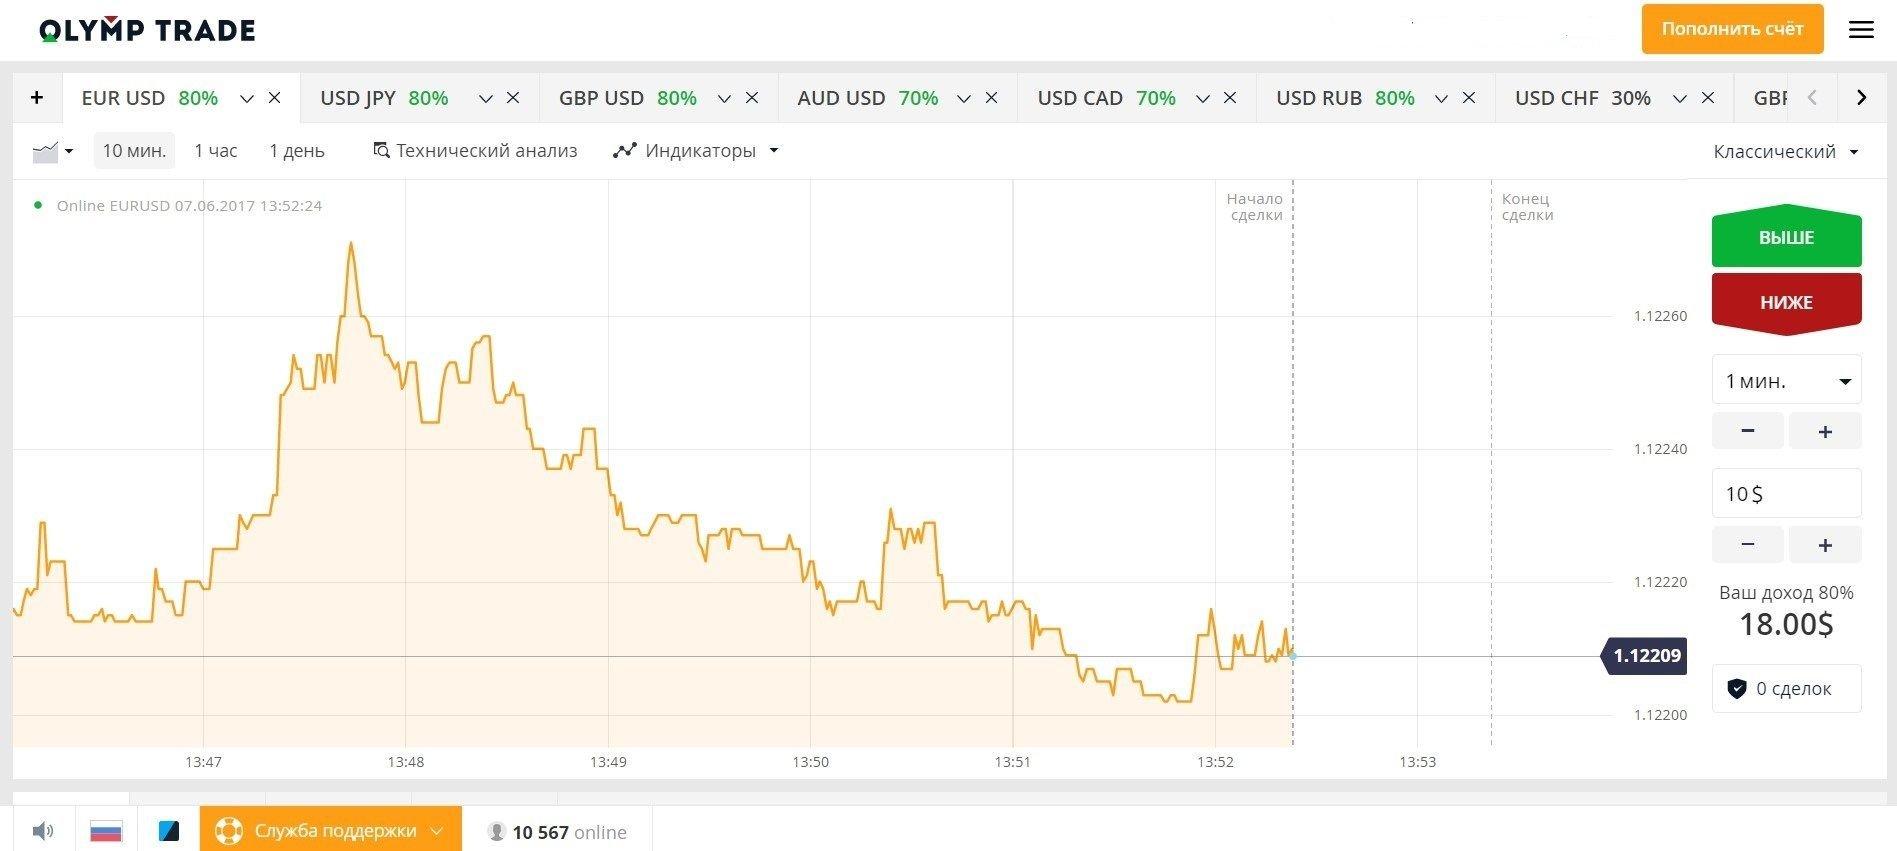 Vista Kaip naudotis RSI paslėpta prekybos skirtumais strategija Olymp Trade.